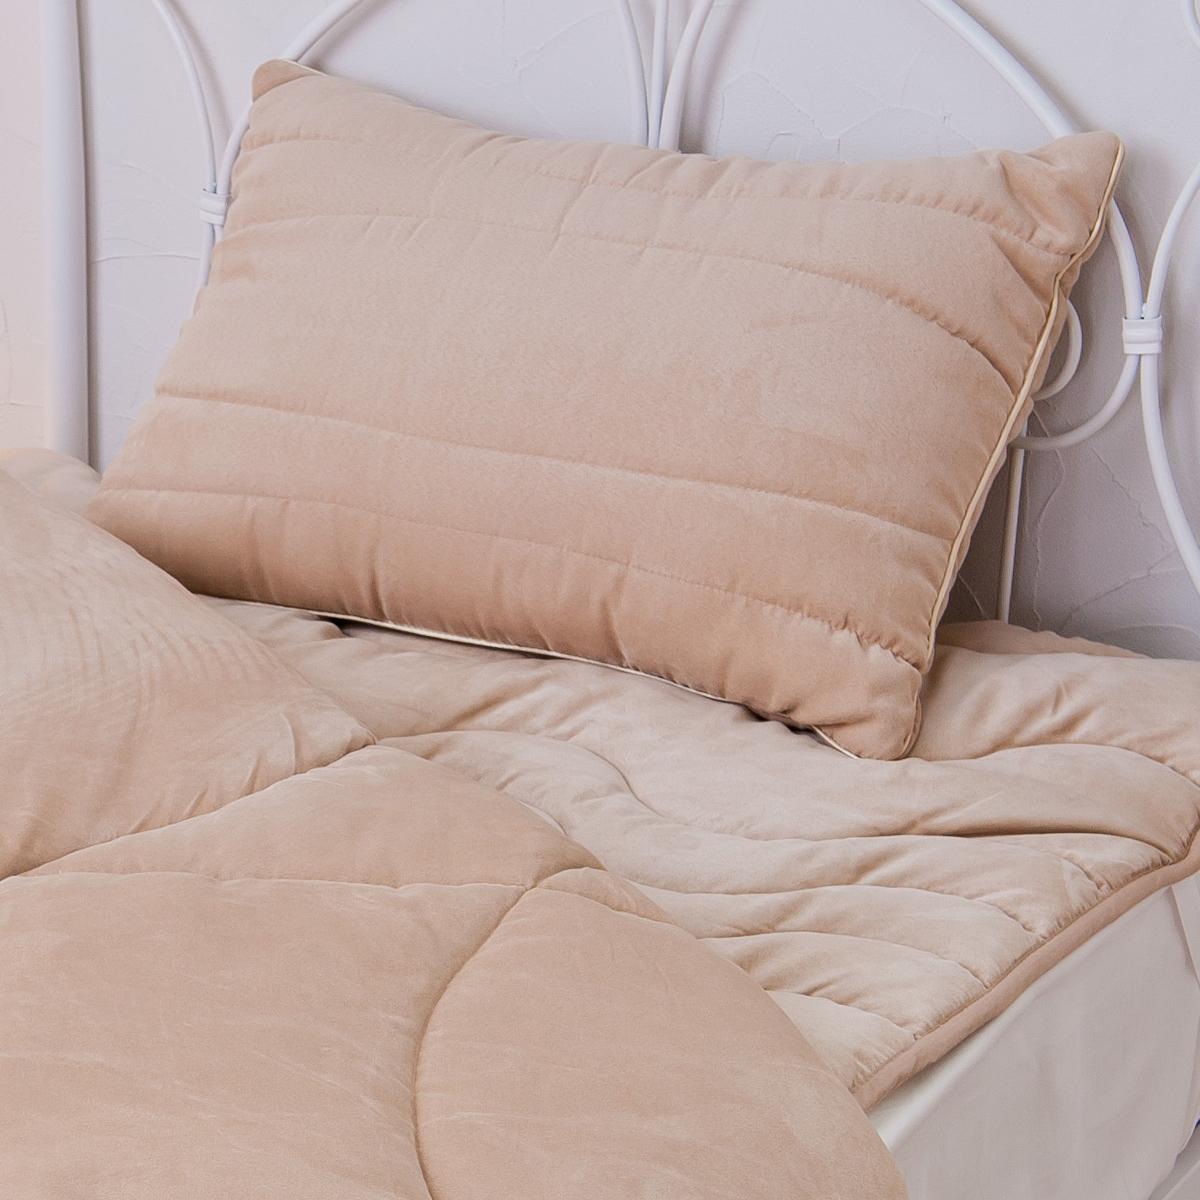 深呼吸したくなる「寝具」|オーバーレイマットレス(セミダブル)抗菌機能と乾きやすさを兼ね備えた、丸洗い可能な寝具|ベルクラウド